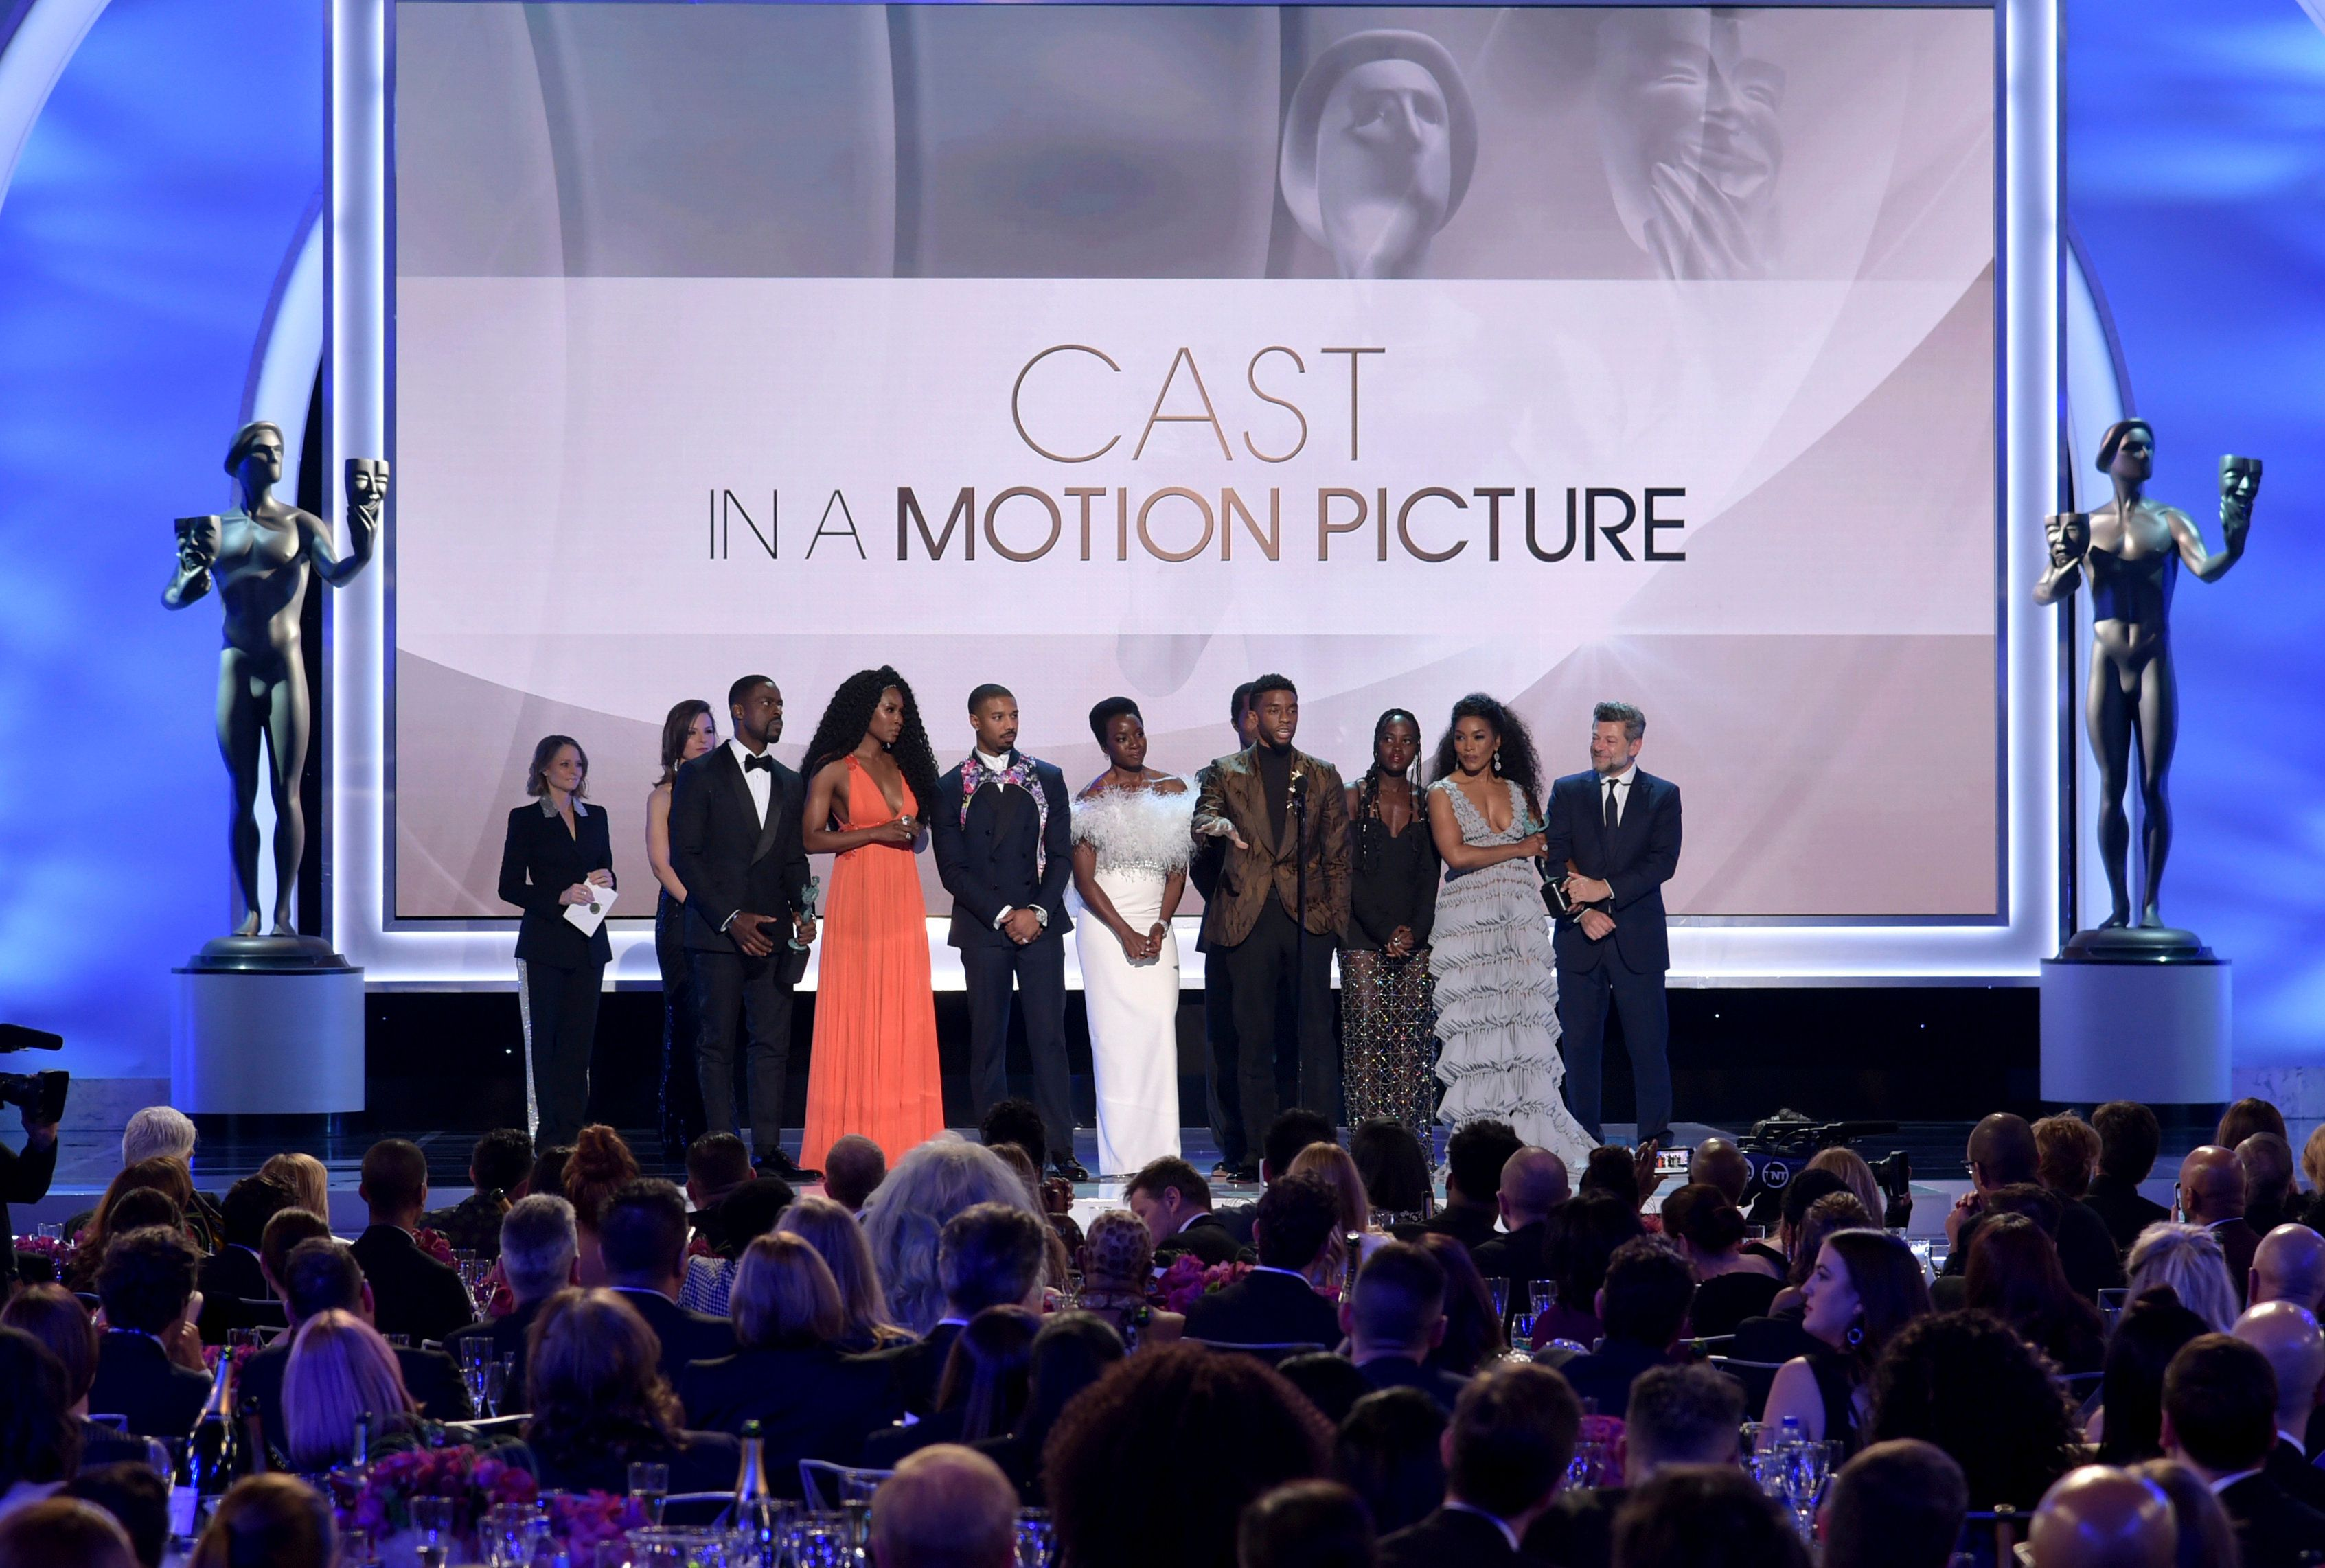 Βραβεία SAG: «Μαύρος Πάνθηρας», Γκλεν Κλόουζ και Ράμι Μάλεκ οι μεγάλοι